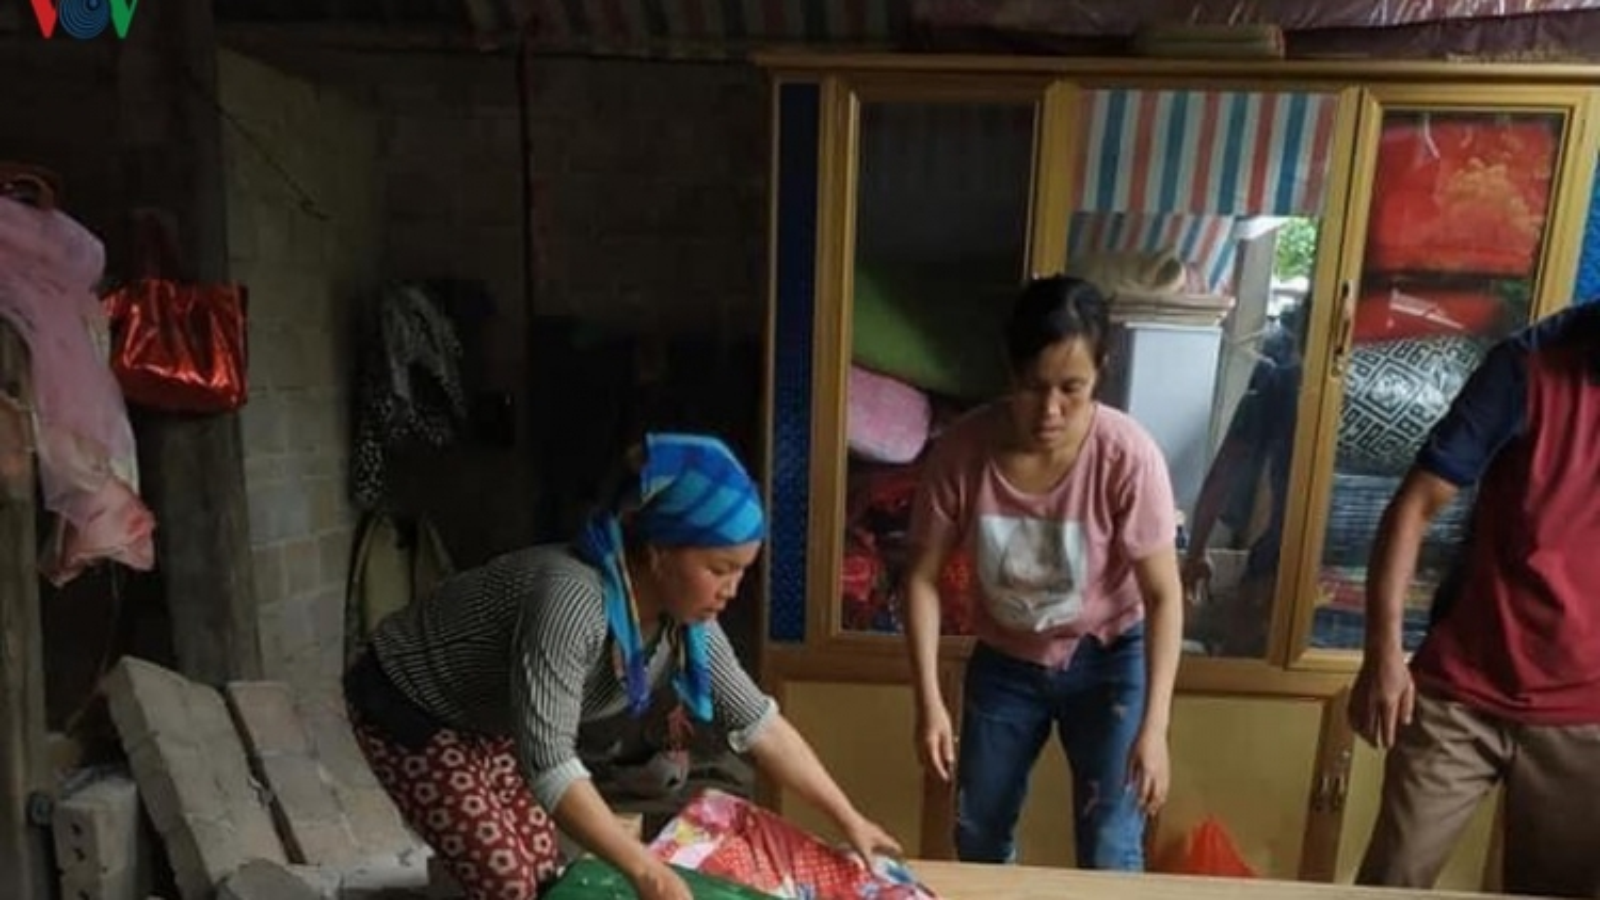 Tiếp tục xảy ra trận động đất thứ 10 tại Mộc Châu trong hơn 1 ngày qua